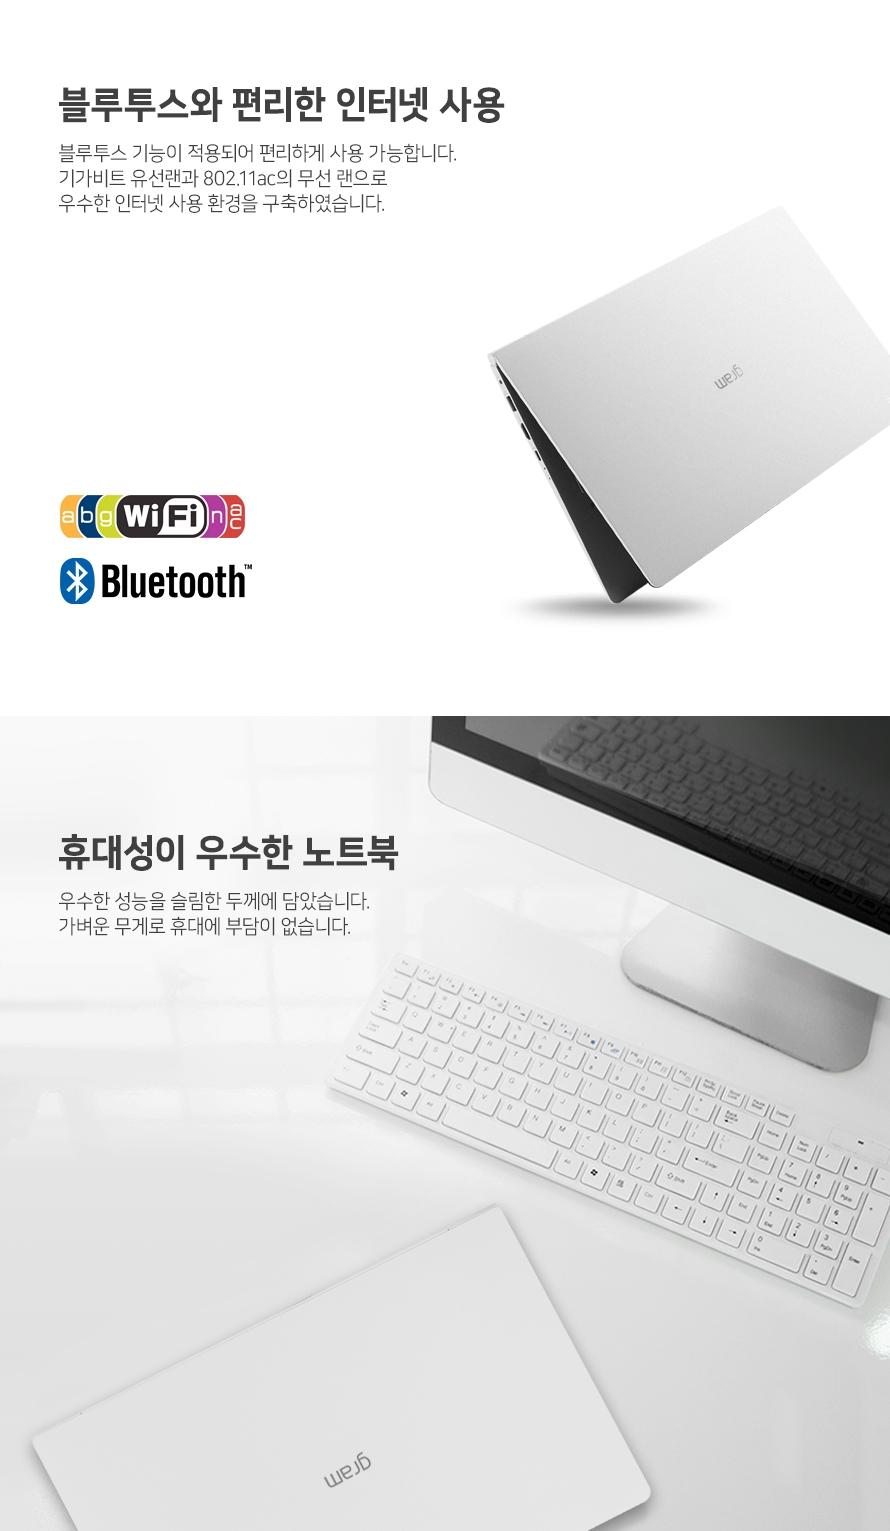 광시야각 패널 적용으로 어느 각도에서나 선명한 화질로 감상이 가능합니다. 블루투스 기능이 적용되어 편리하게 사용 가능합니다. 기가비트 유선랜과 802.11ac의 무선 랜으로 우수한 인터넷 사용 환경을 구축하였습니다. 휴대성이 우수한 노트북 우수한 성능을 슬림한 두께에 담았습니다. 가벼운 무게로 휴대에 부담이 없습니다.